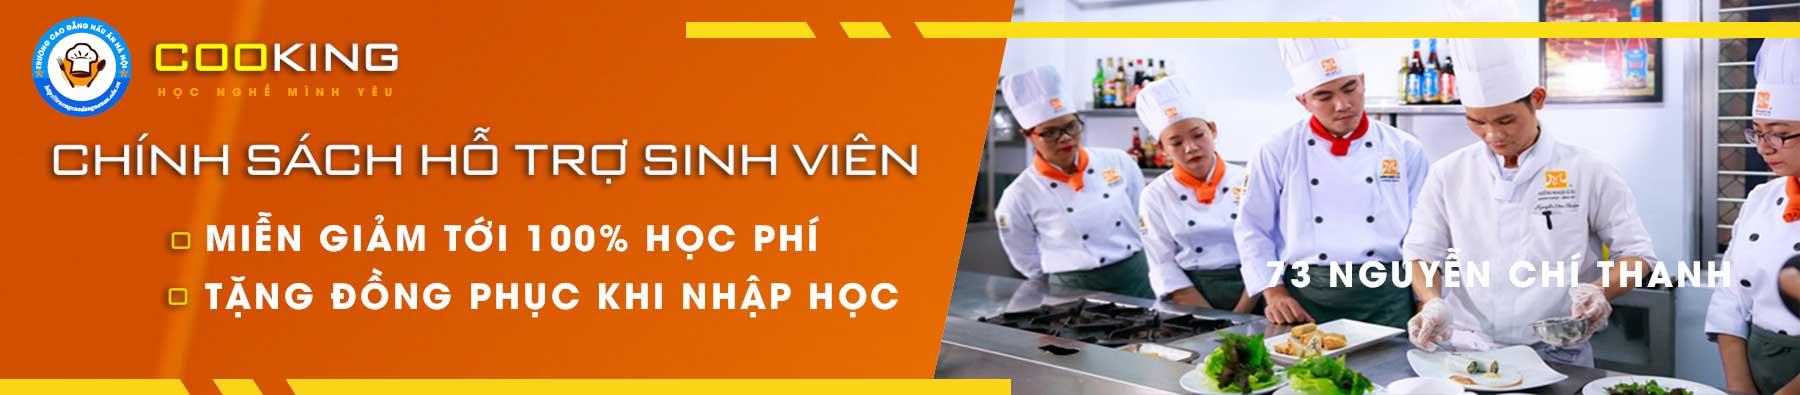 cao đẳng nấu ăn hà nội tuyển sinh 2020